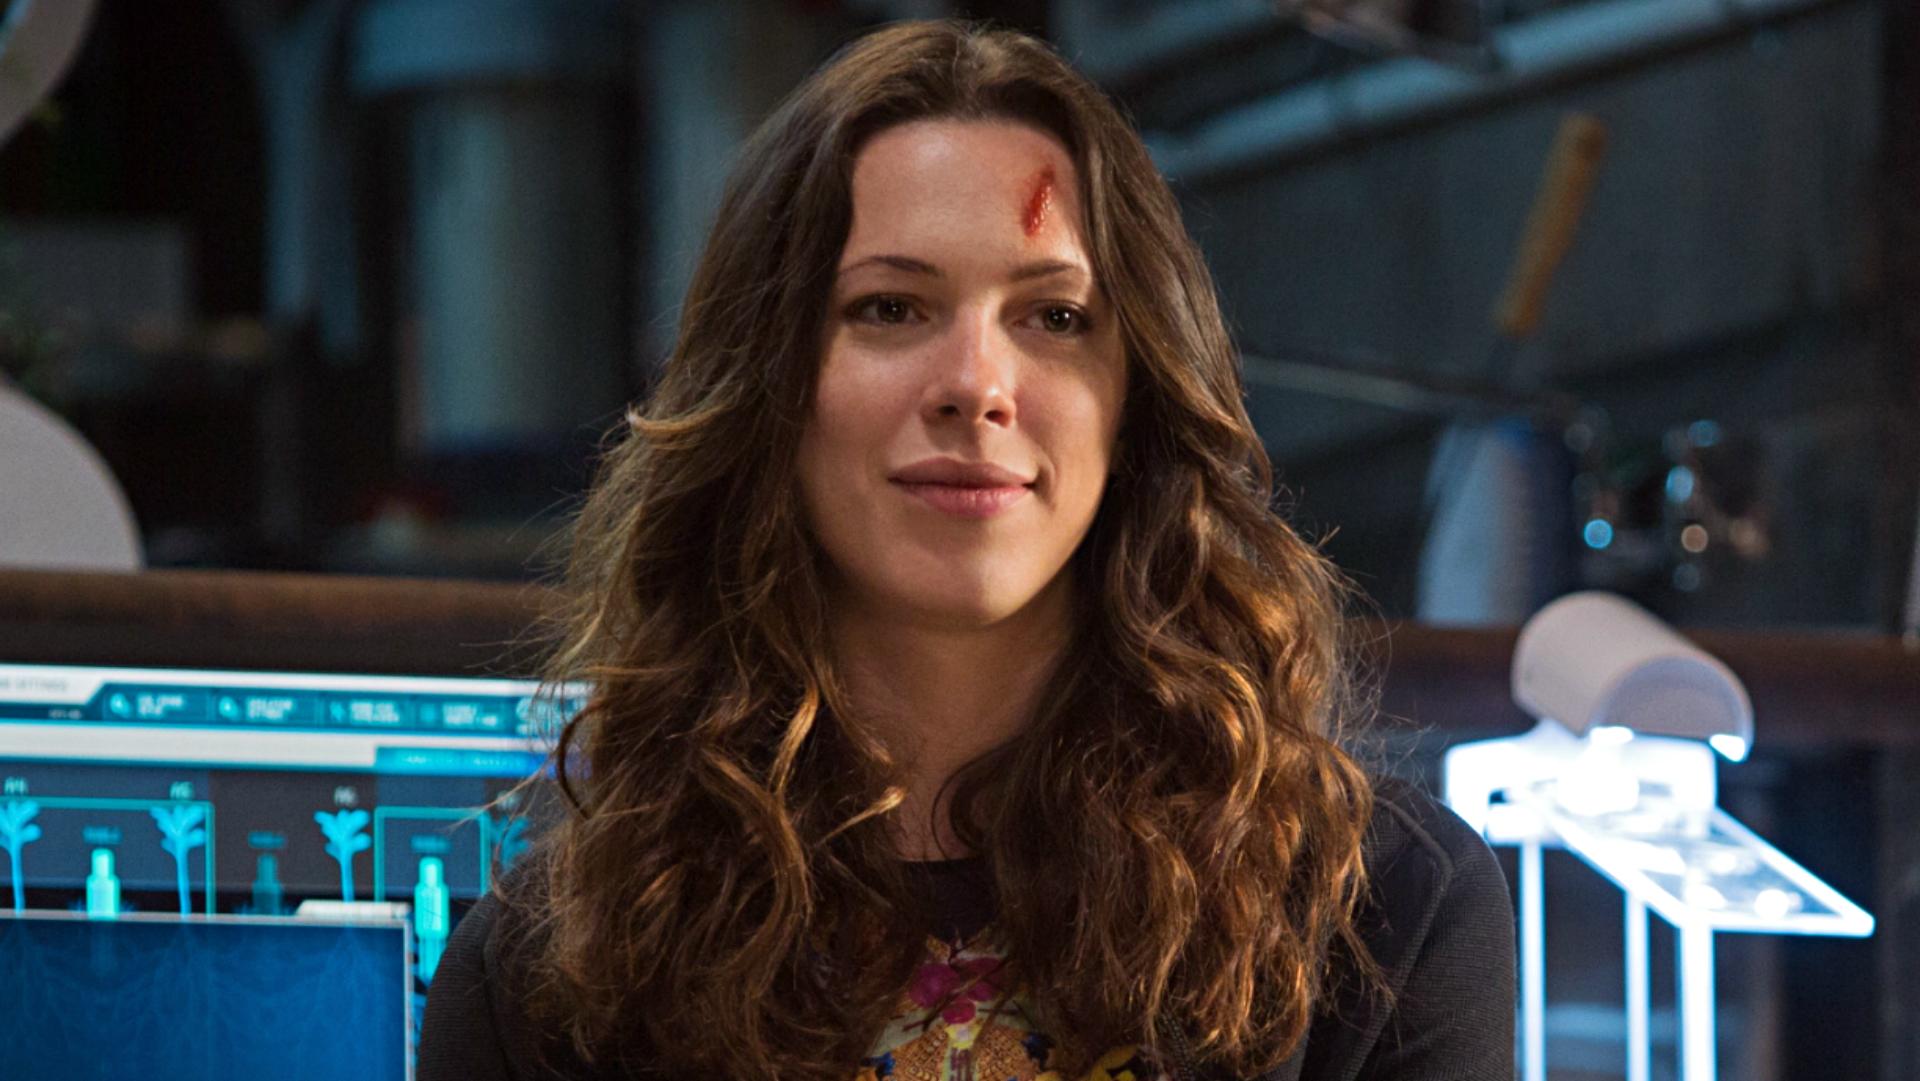 Iron Man 3: Záporákem původně měla být žena, staré vedení Marvelu to zakázalo | Fandíme filmu